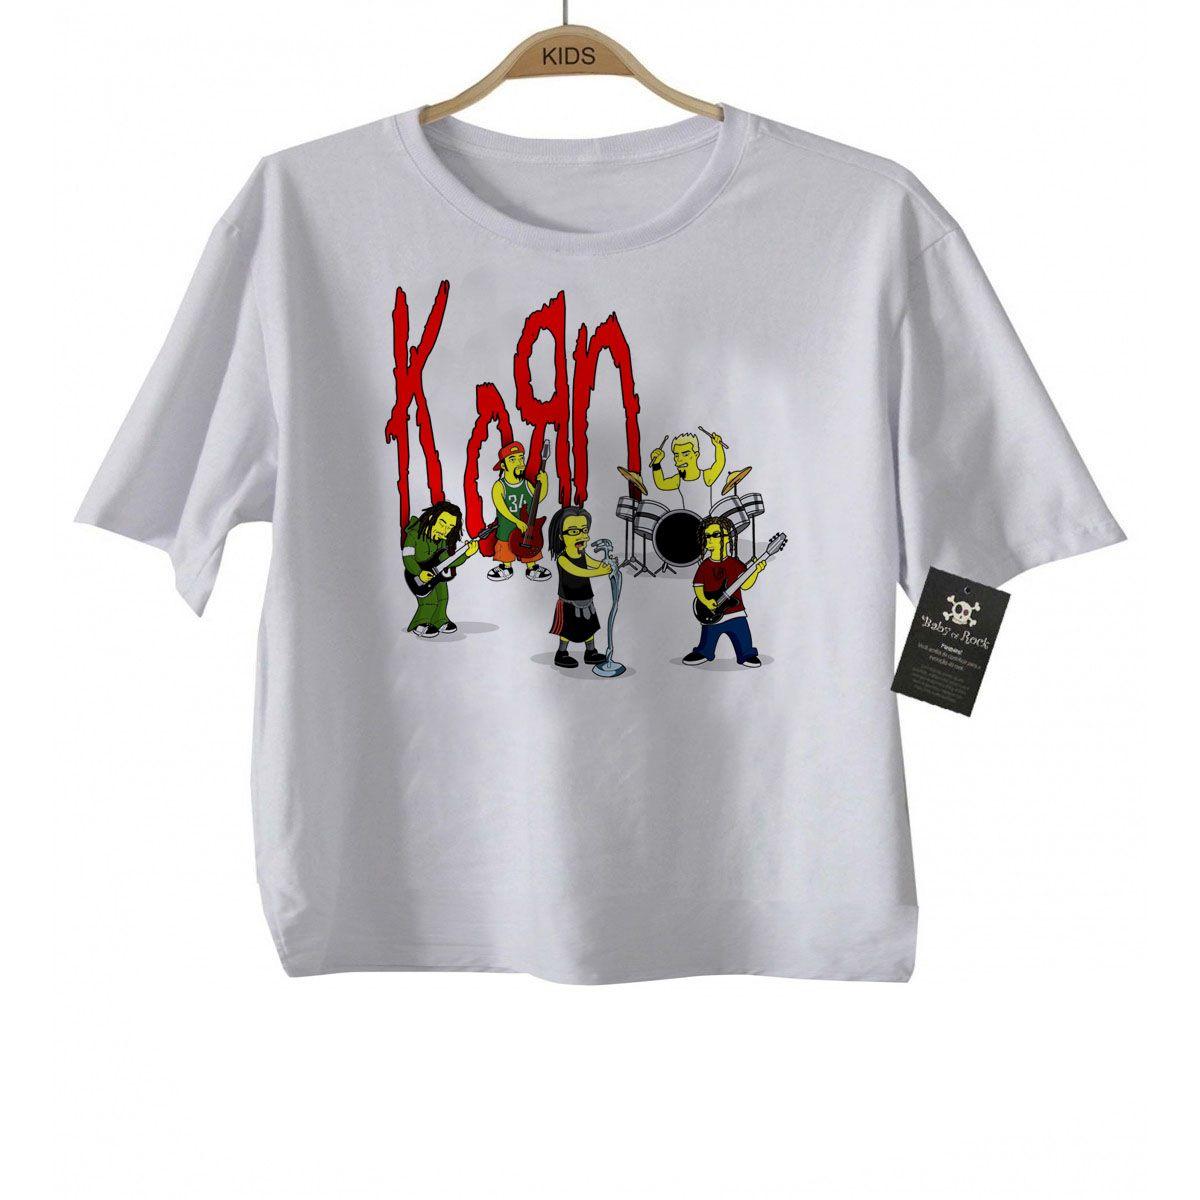 Camiseta Infantil Rock Korn -  Simpson - White  - Baby Monster S/A